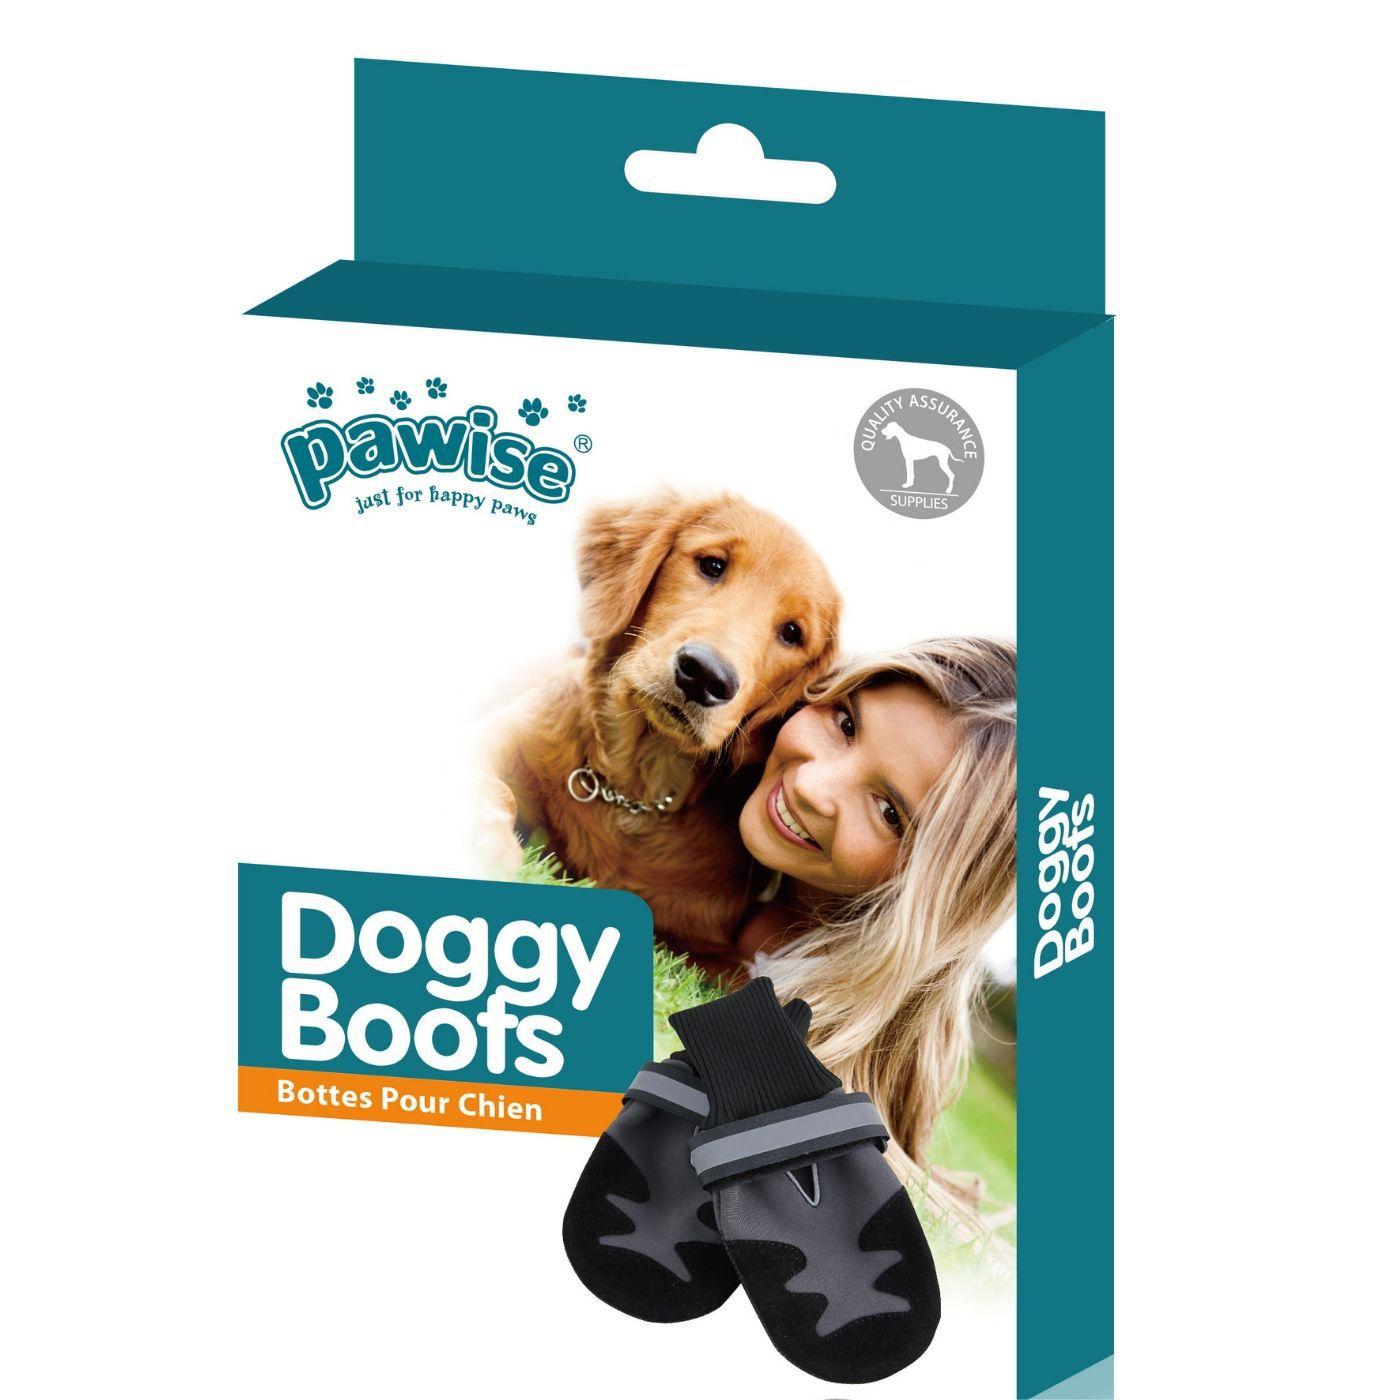 Sapato Ajustável para Cachorro XXG Pawise Contém 1 par